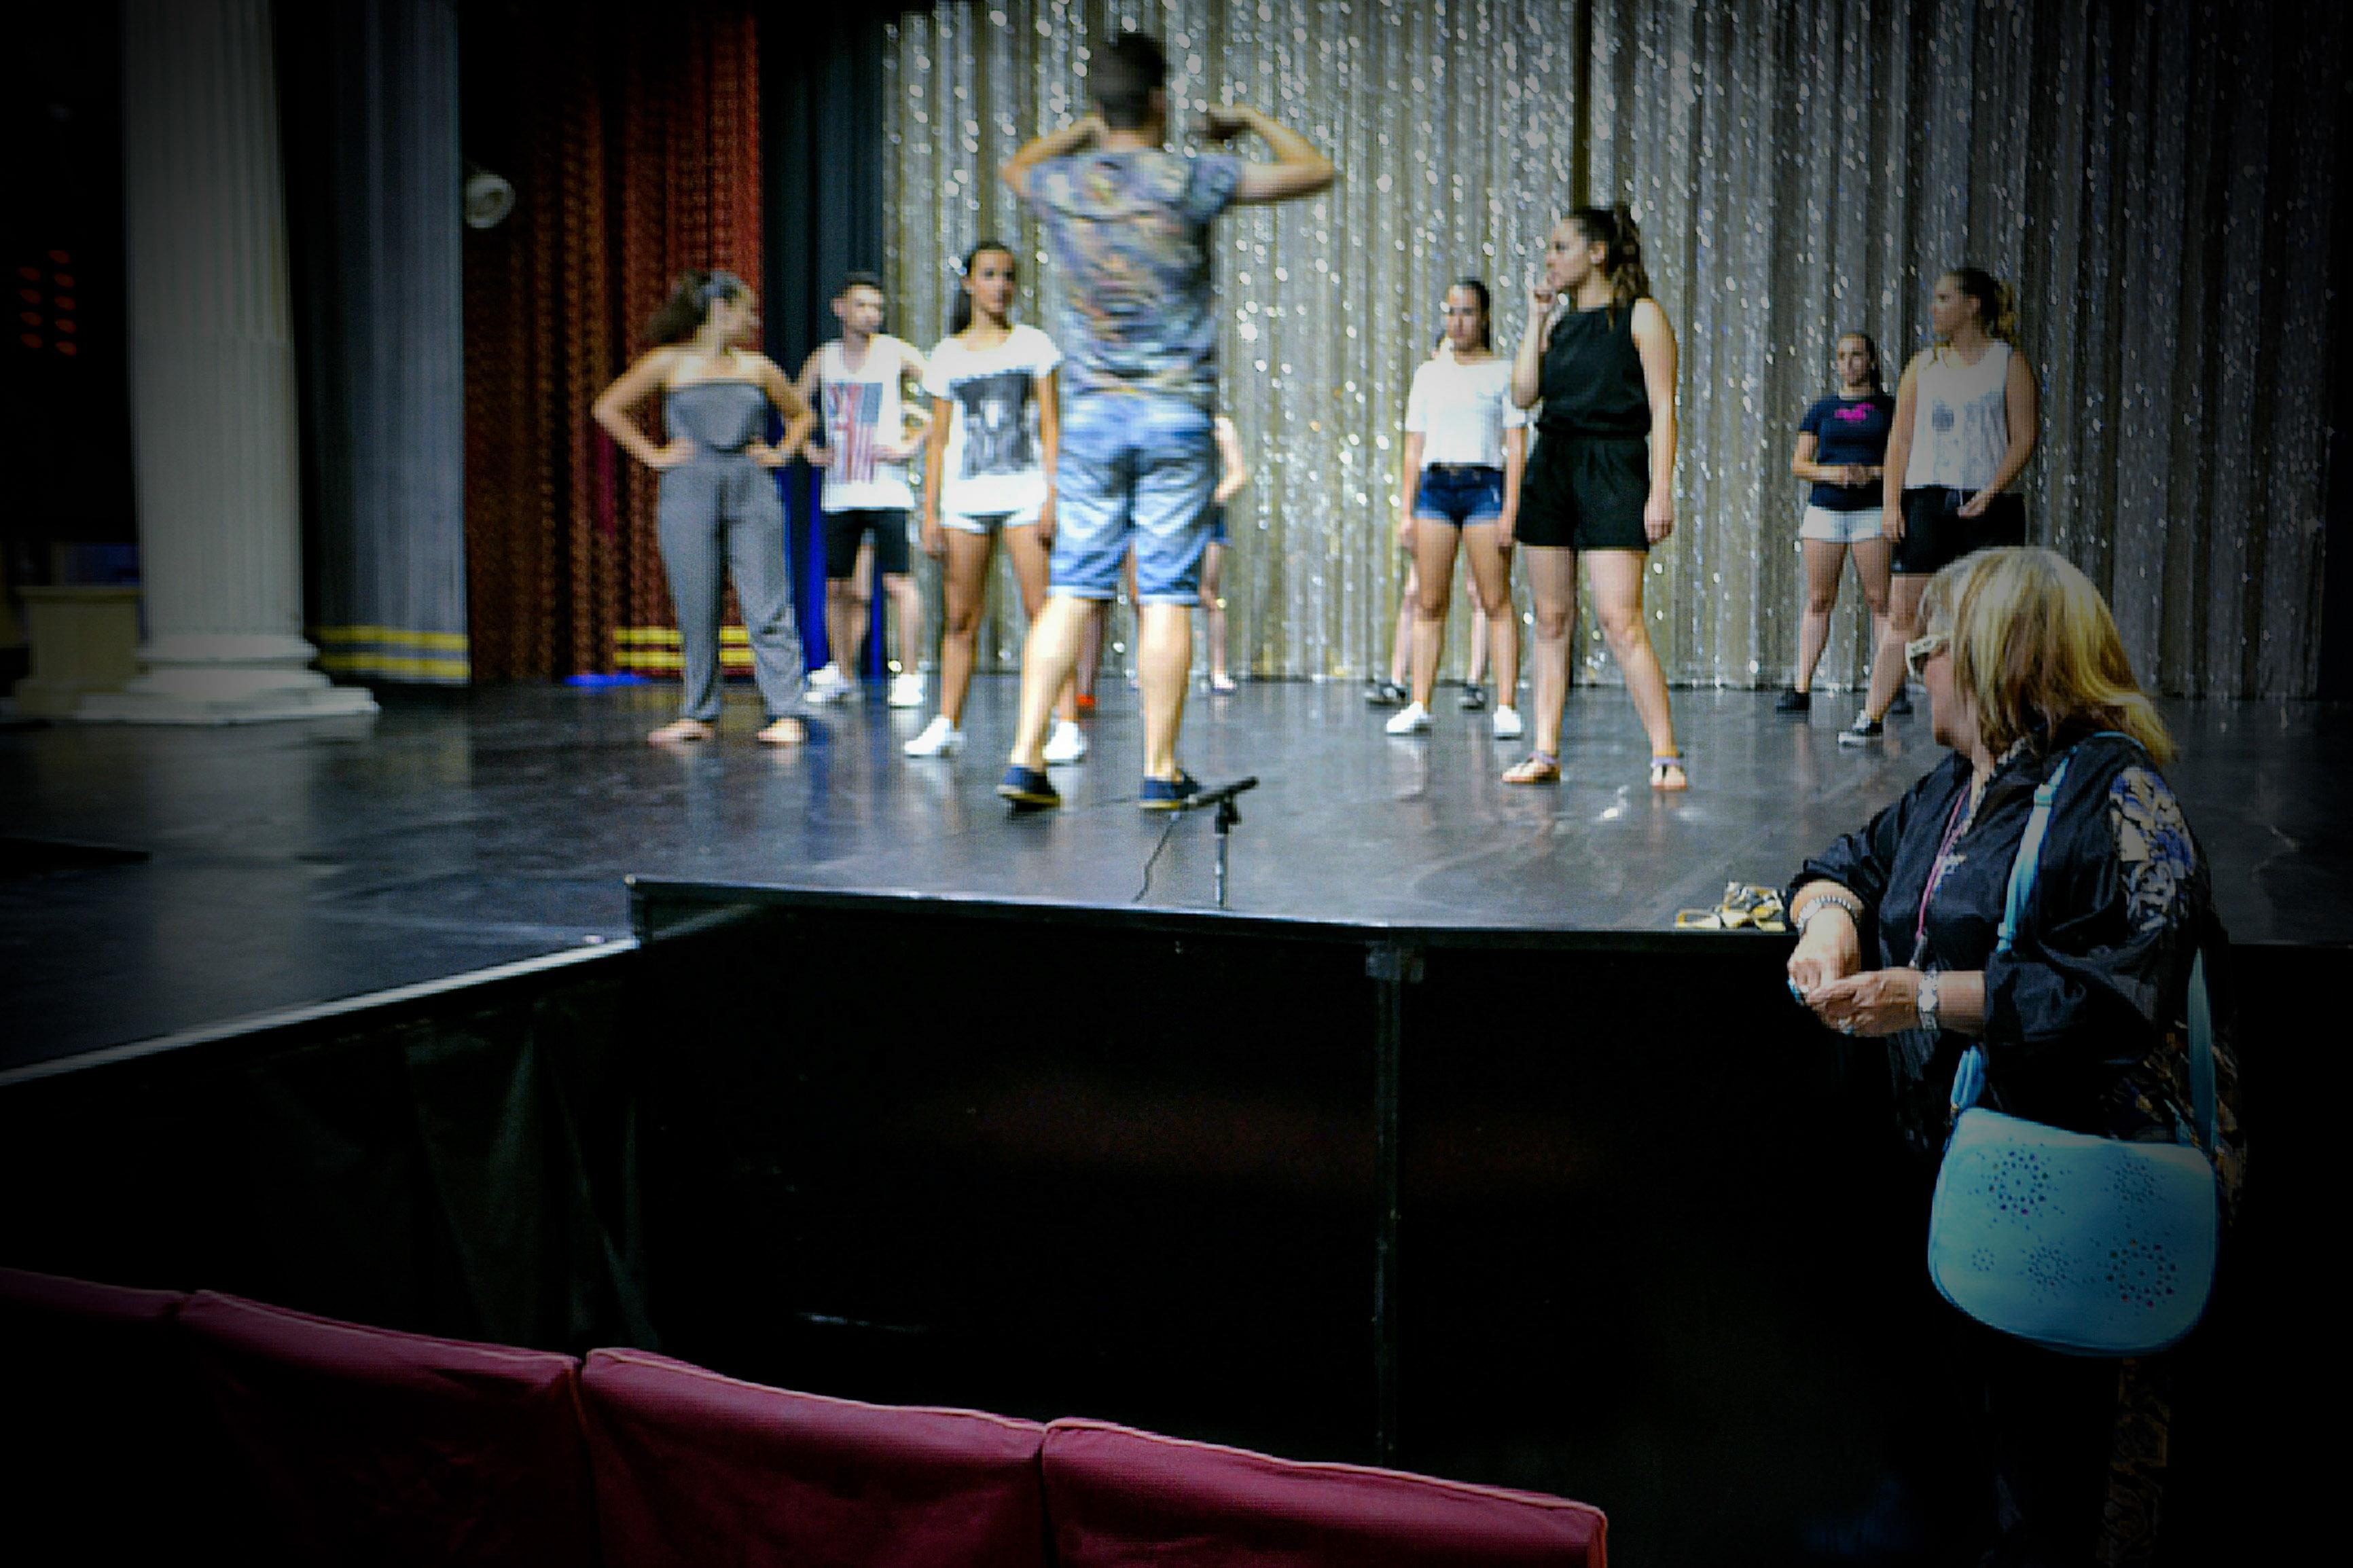 Linea-de-Baile-festival-verano-2015-clases-de-baile-valencia-132